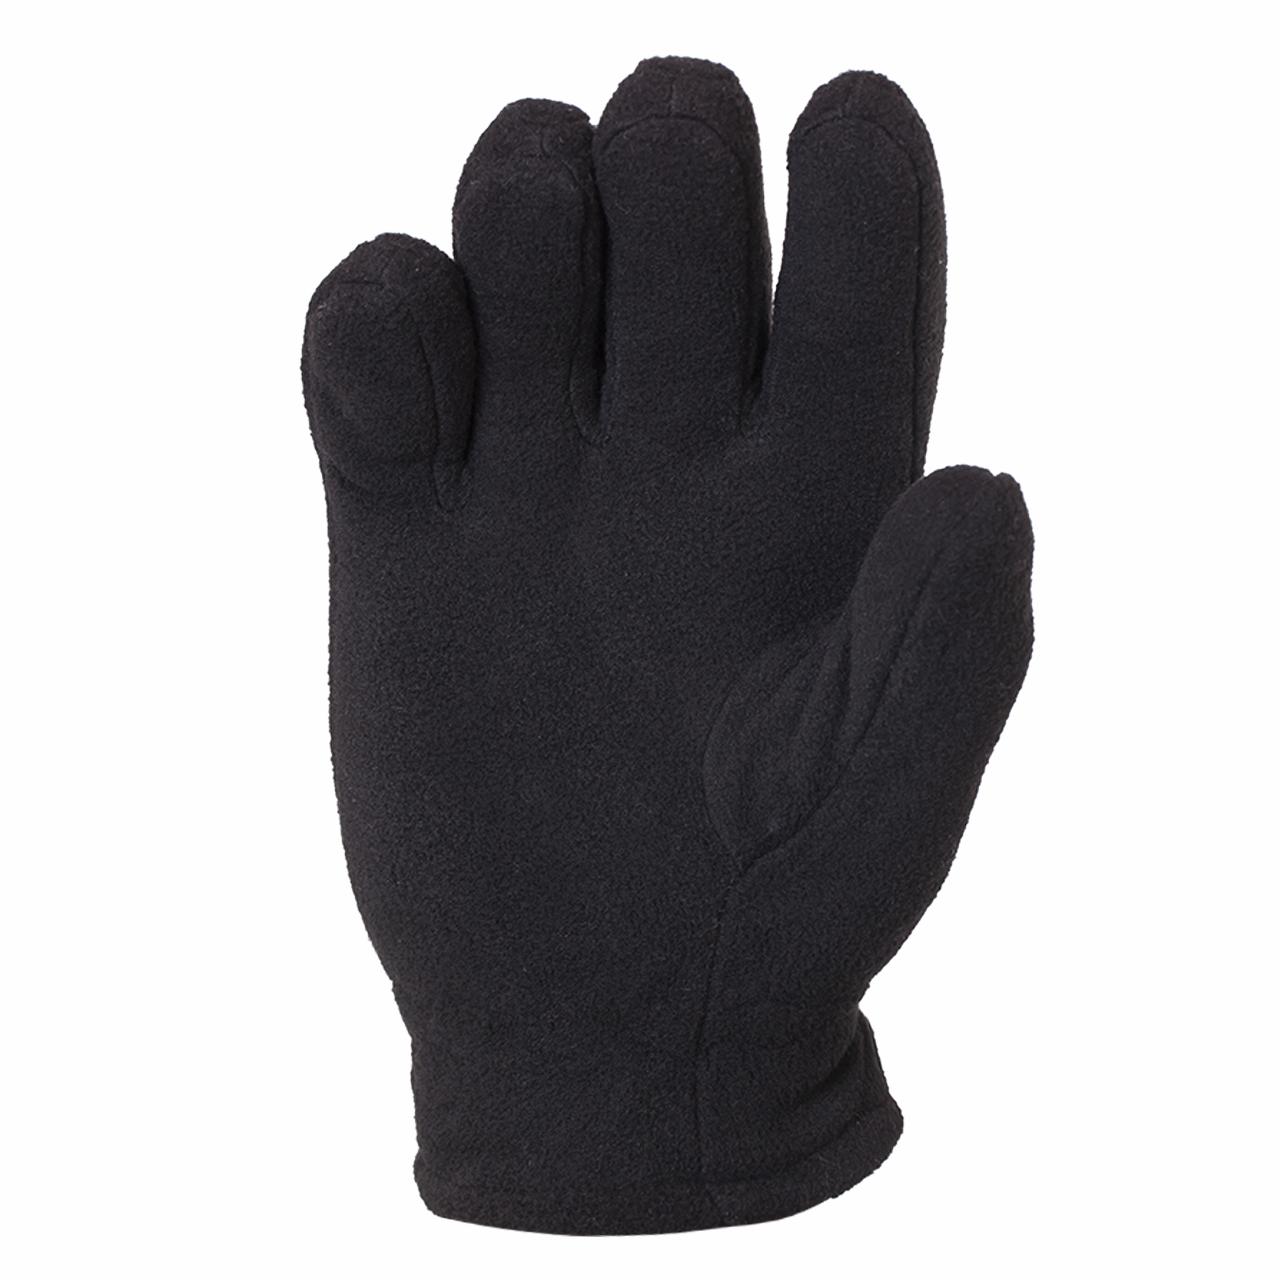 Флисовые перчатки Thinsulate заказать в Военпро